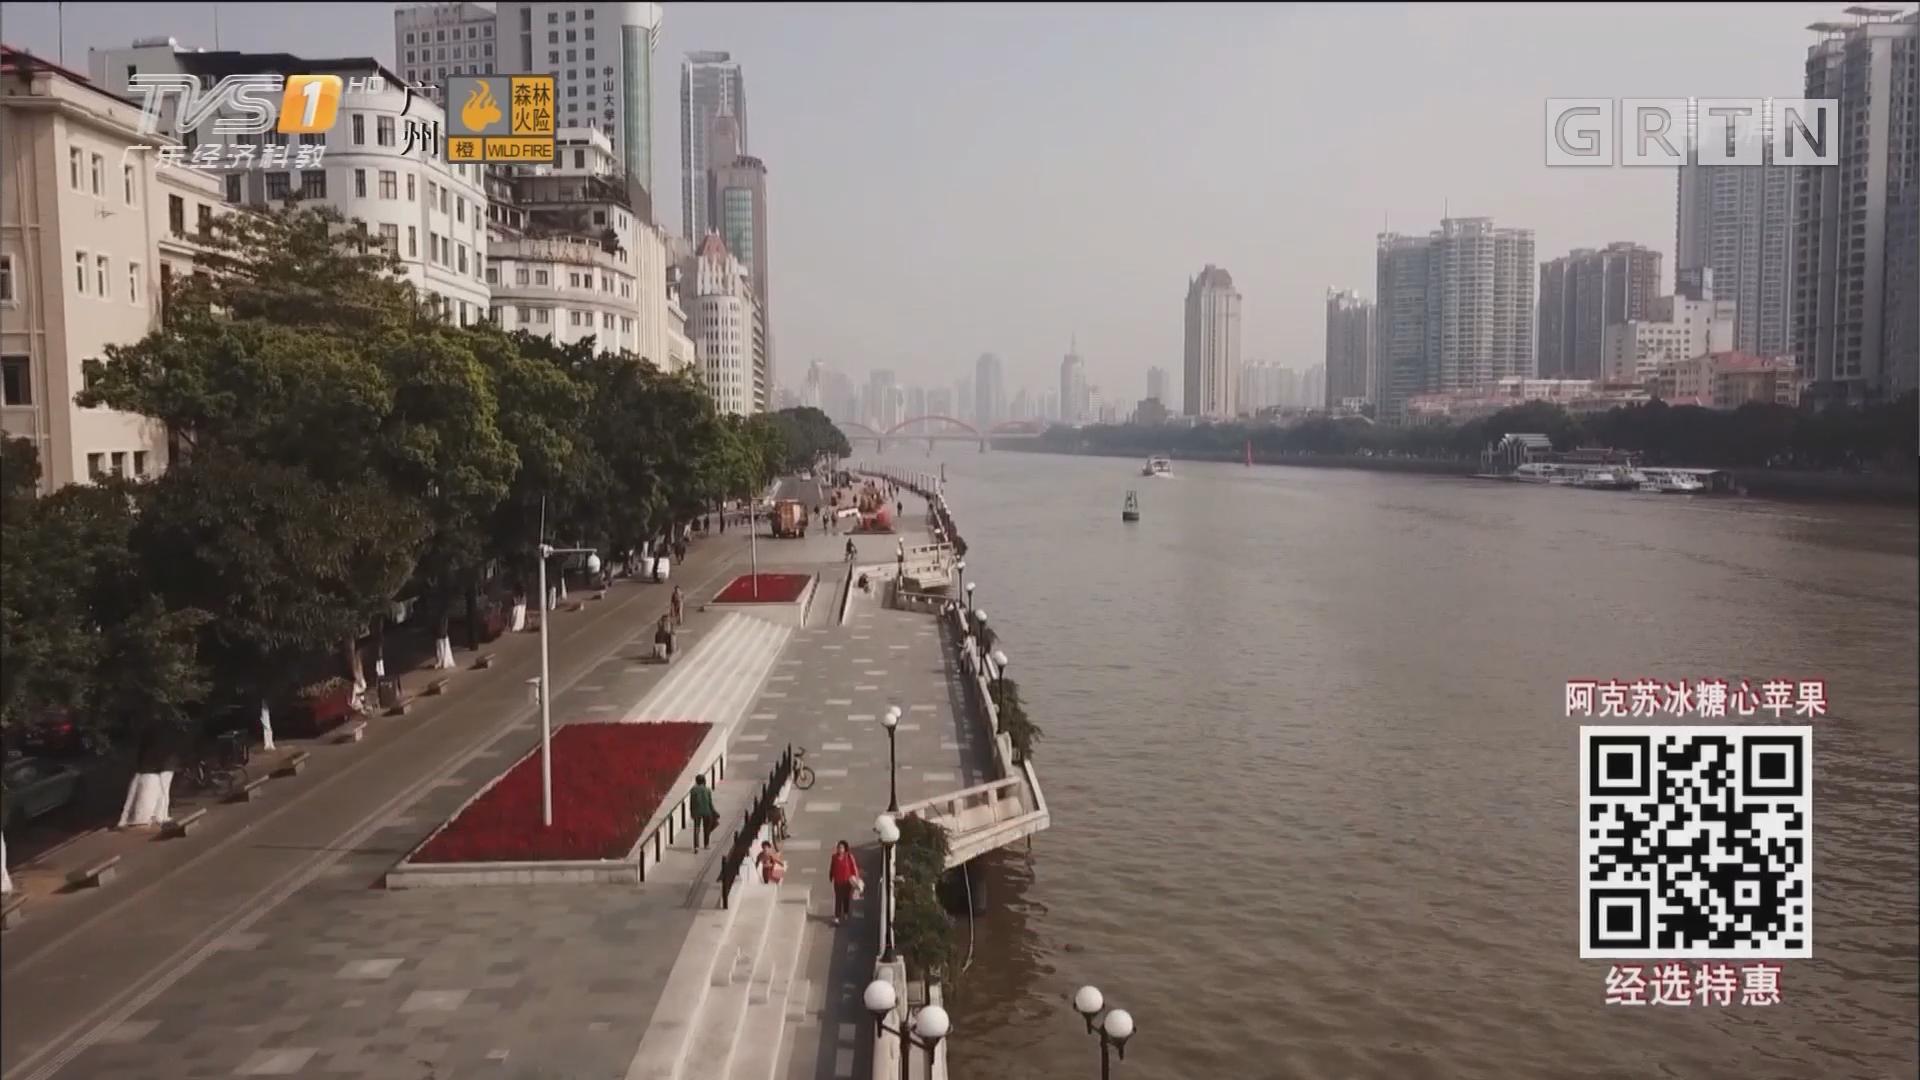 丝路行万里:大道畅通 共赢发展